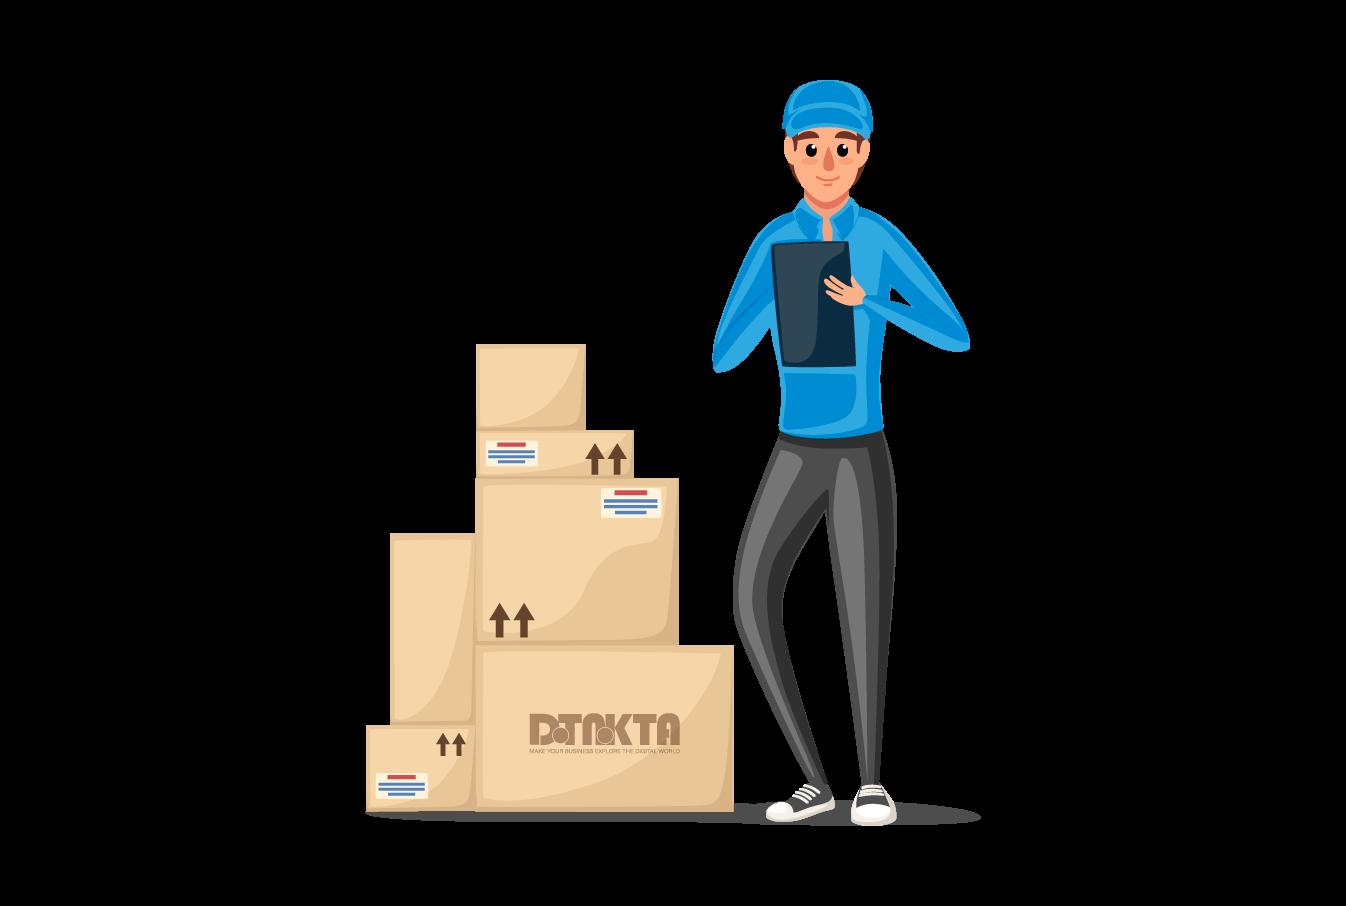 https://dotnokta.com/wp-content/uploads/2021/02/Logistic-Solutions.png